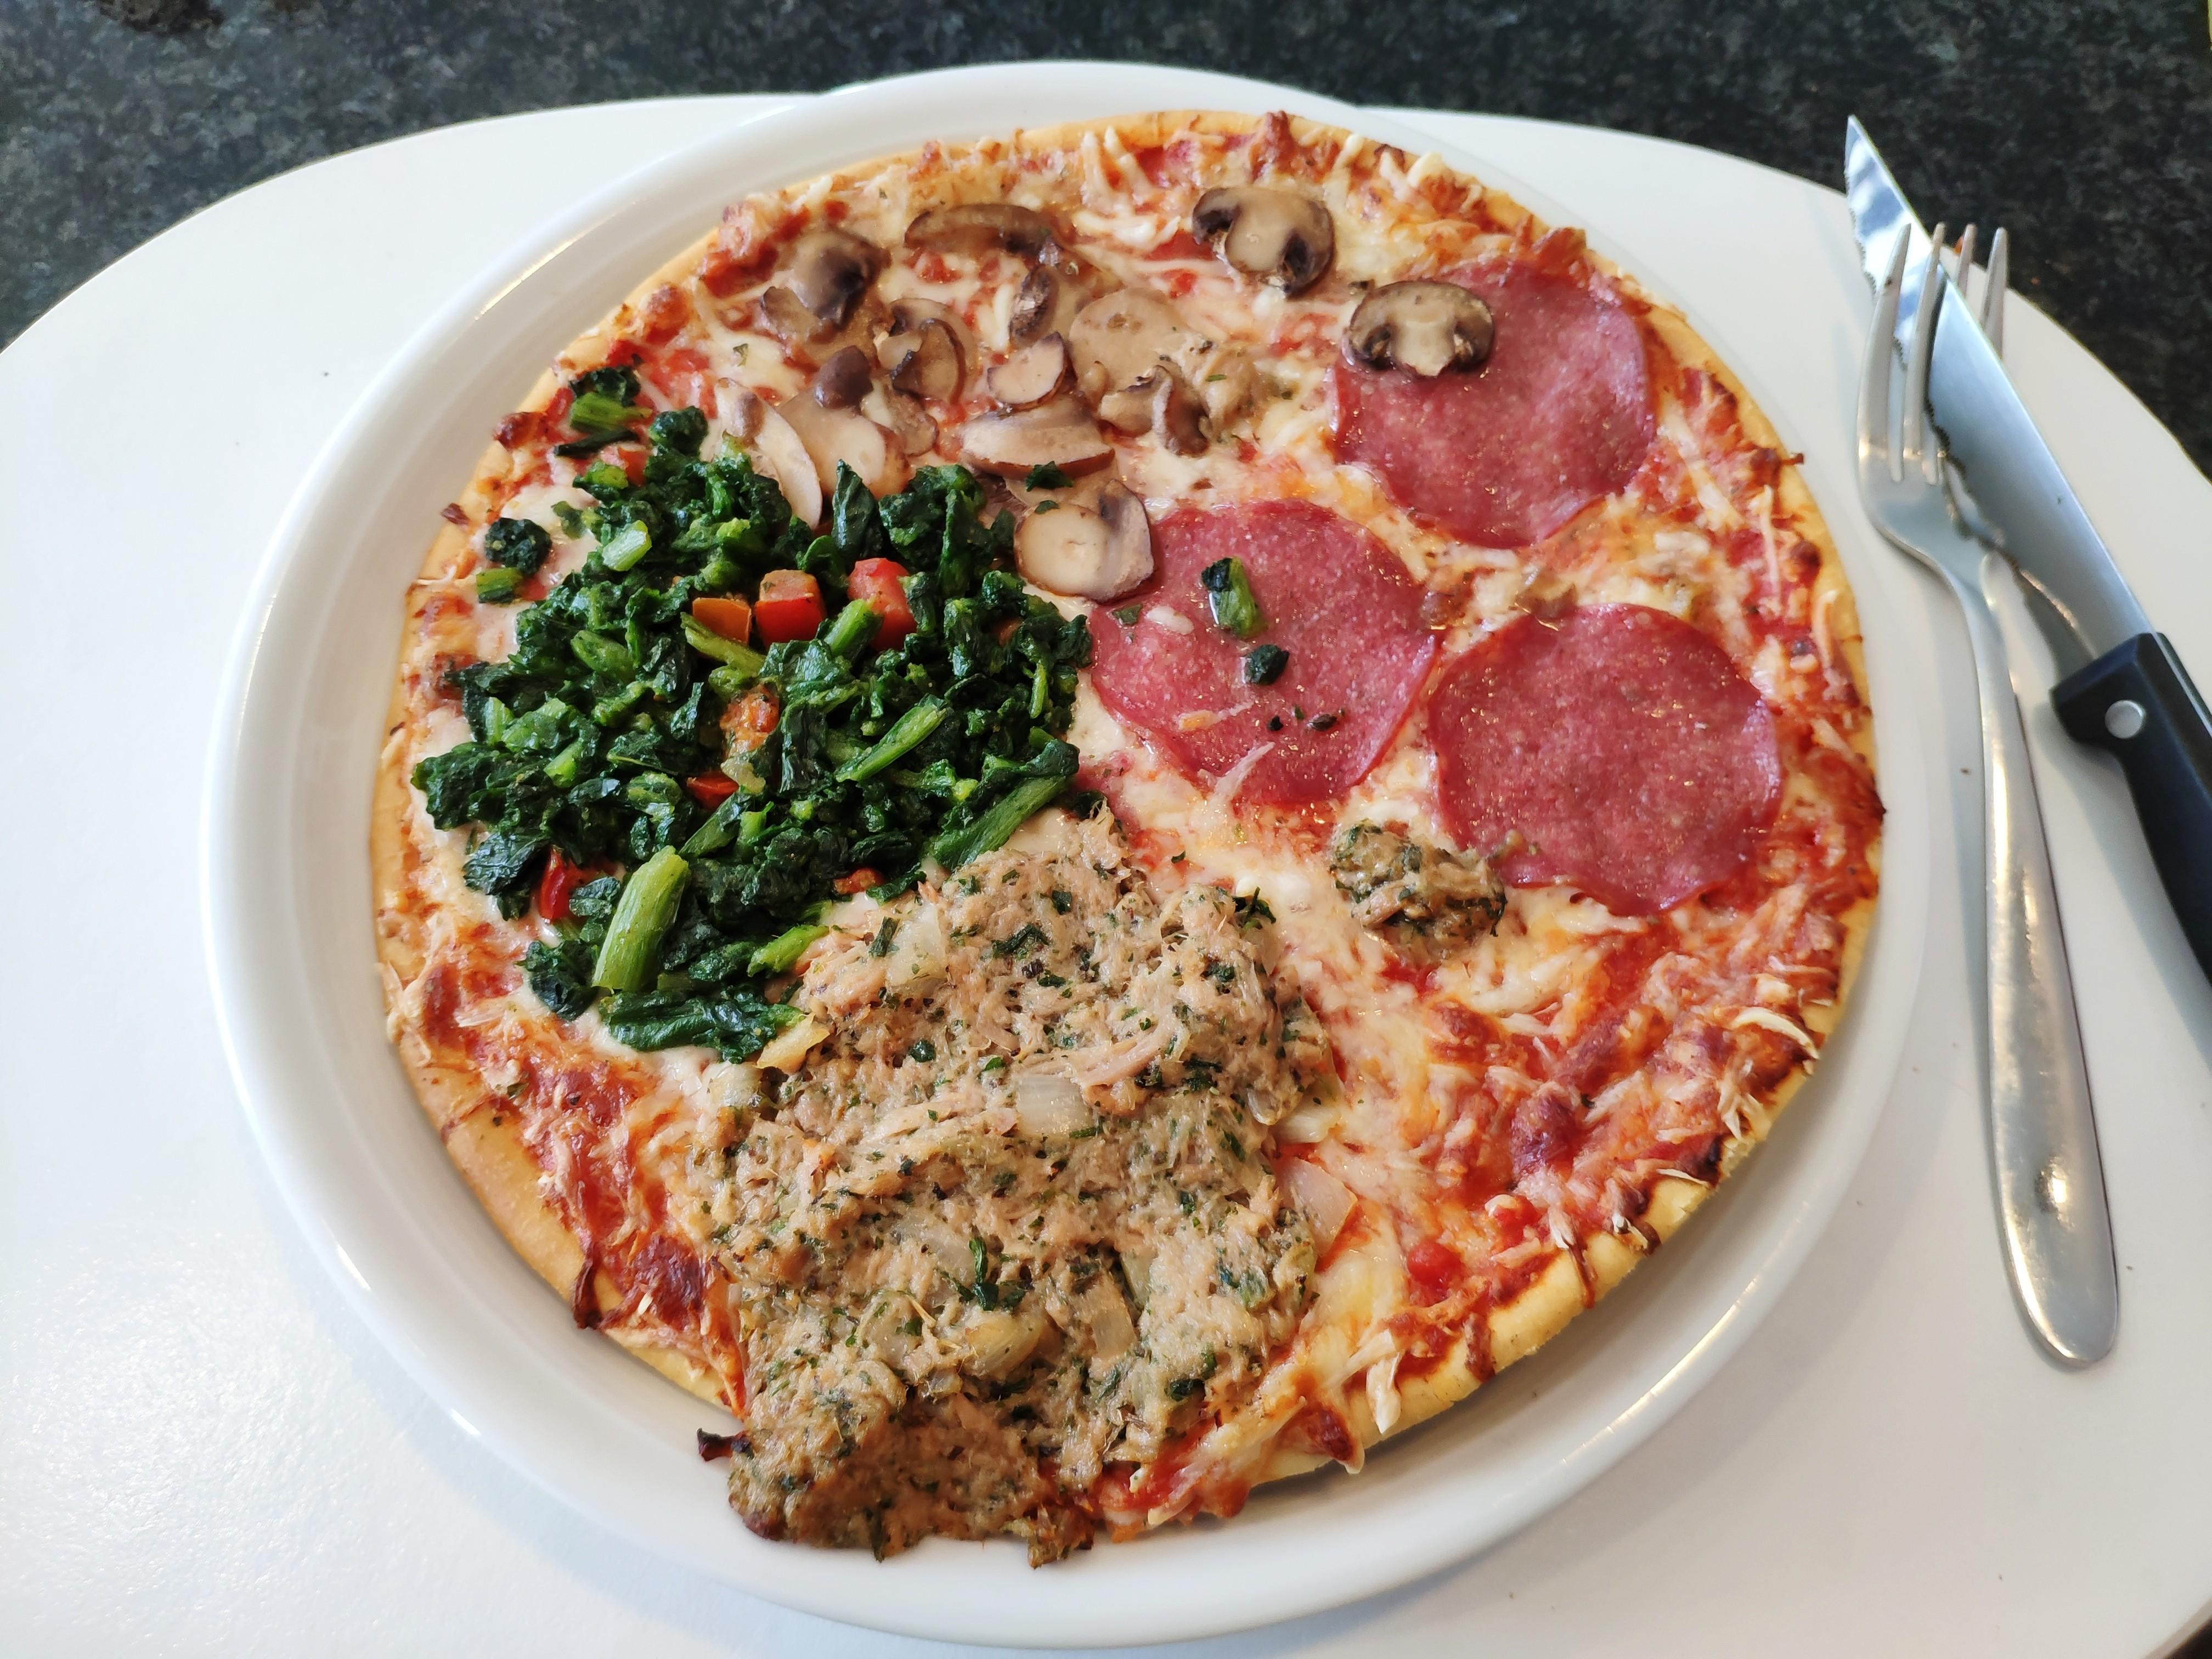 https://foodloader.net/nico_2020-04-14_pizza-vier-jahreszeiten.jpg